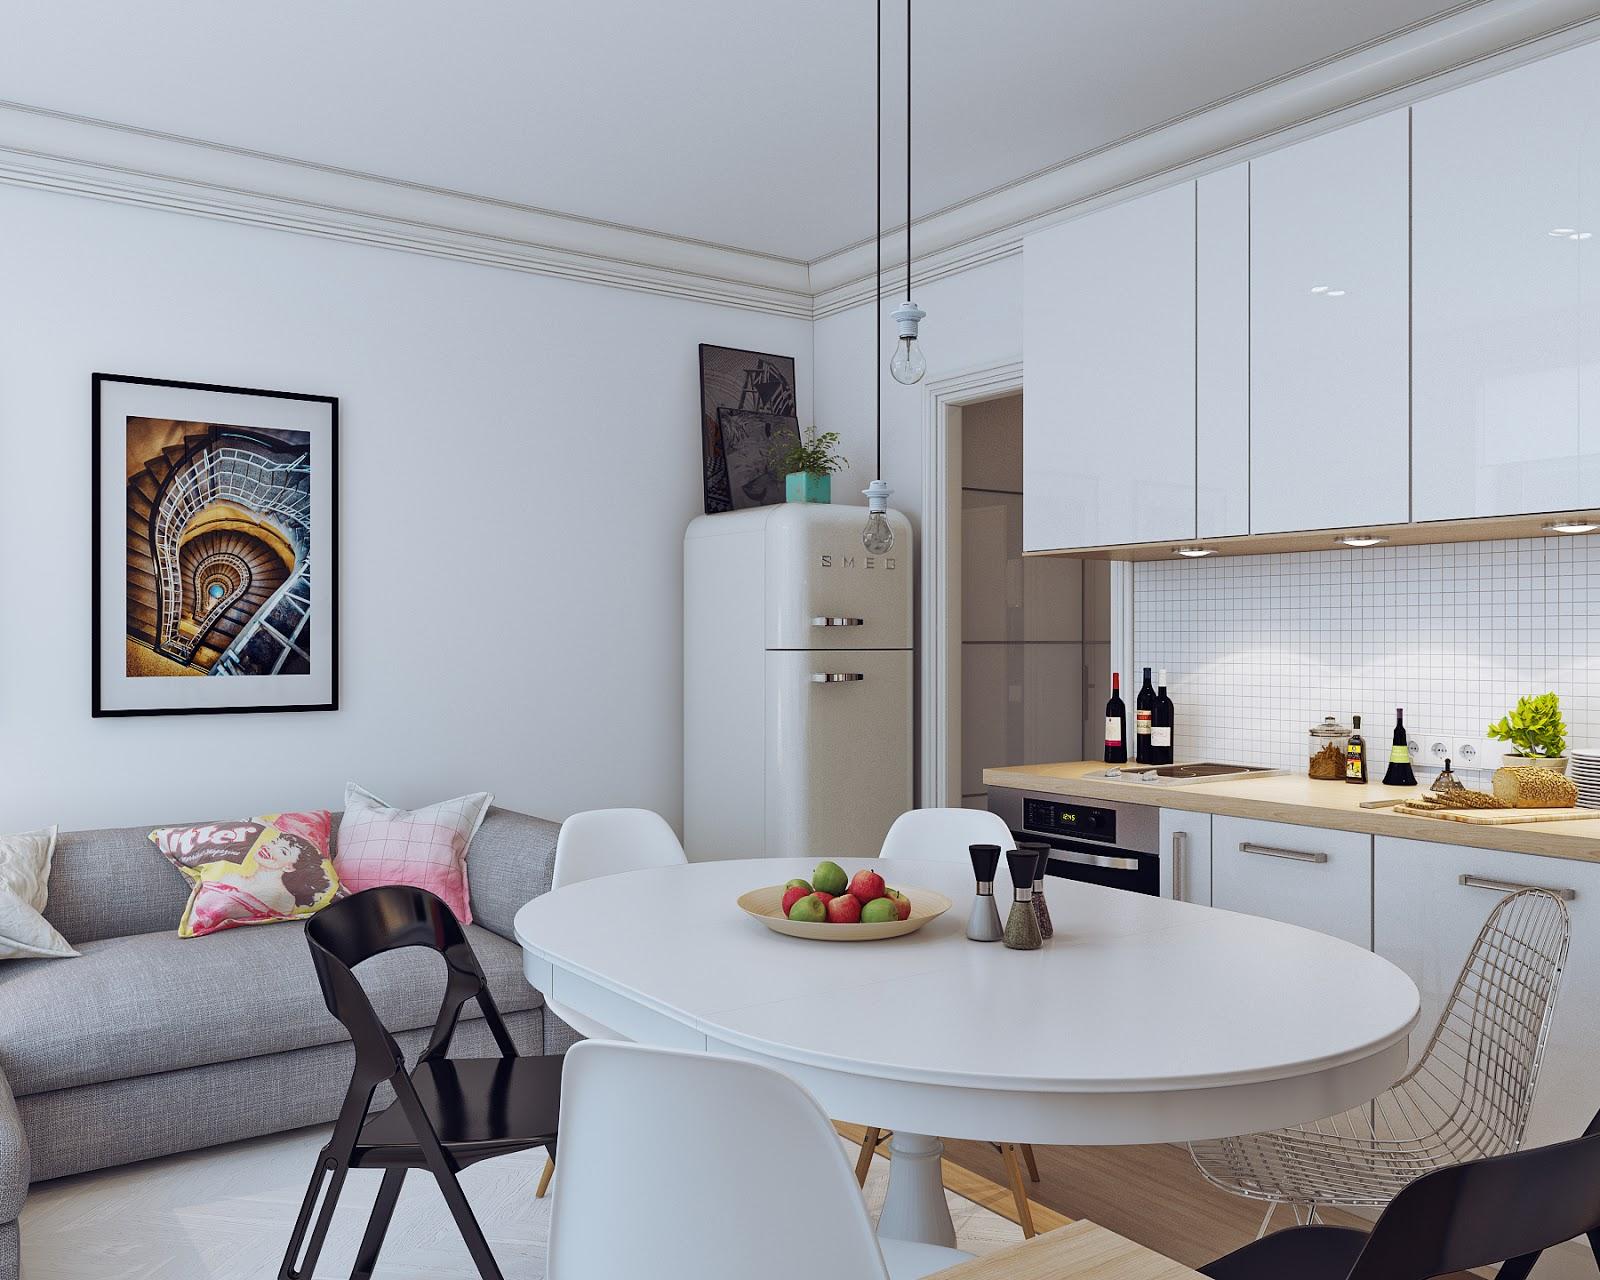 arredare piccoli spazi giocando con i colori 25 mq straordinari. Black Bedroom Furniture Sets. Home Design Ideas